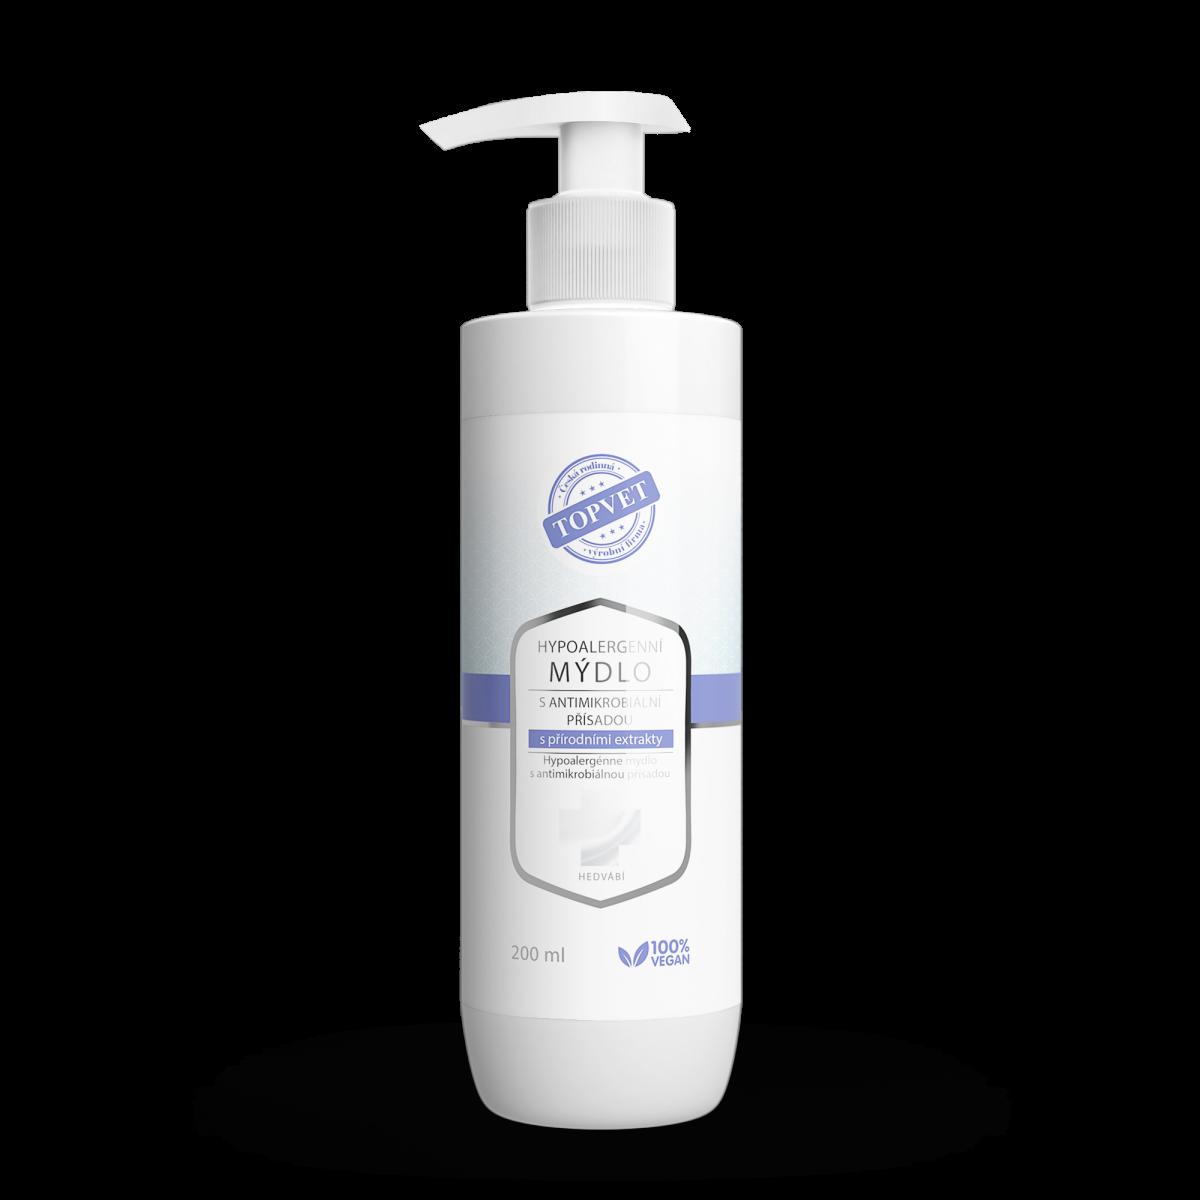 Hypoalergenní mýdlo s antimikrobiální přísadou s přírodními extrakty